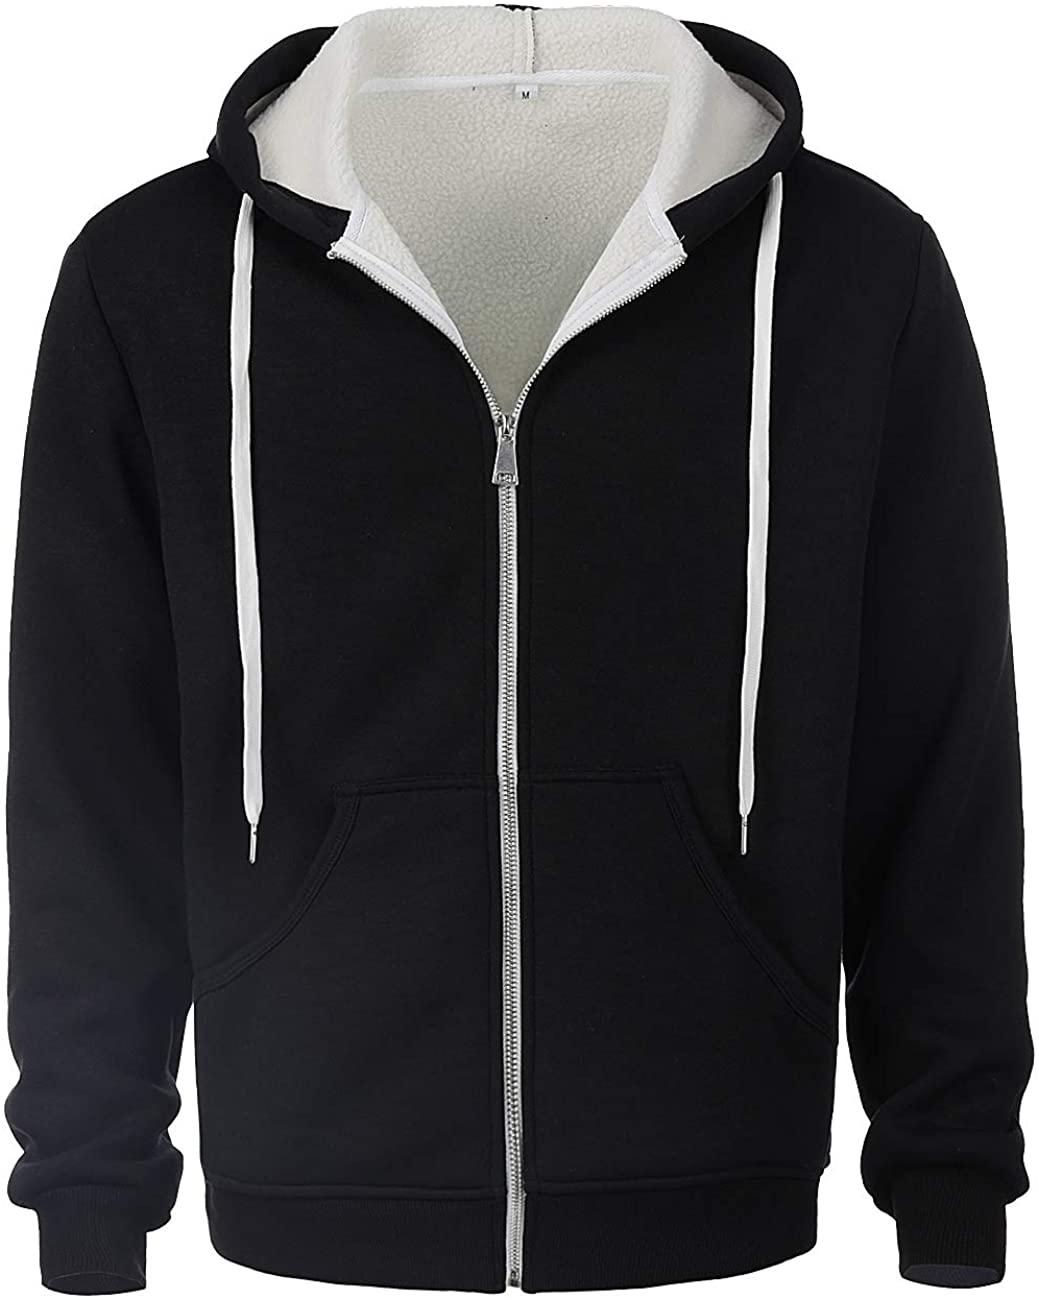 ZIOLOMA Mens Sherpa Lined Zip Up Hoodie Jacket Thermal Full Zip Hooded Fleece Sweatshirt